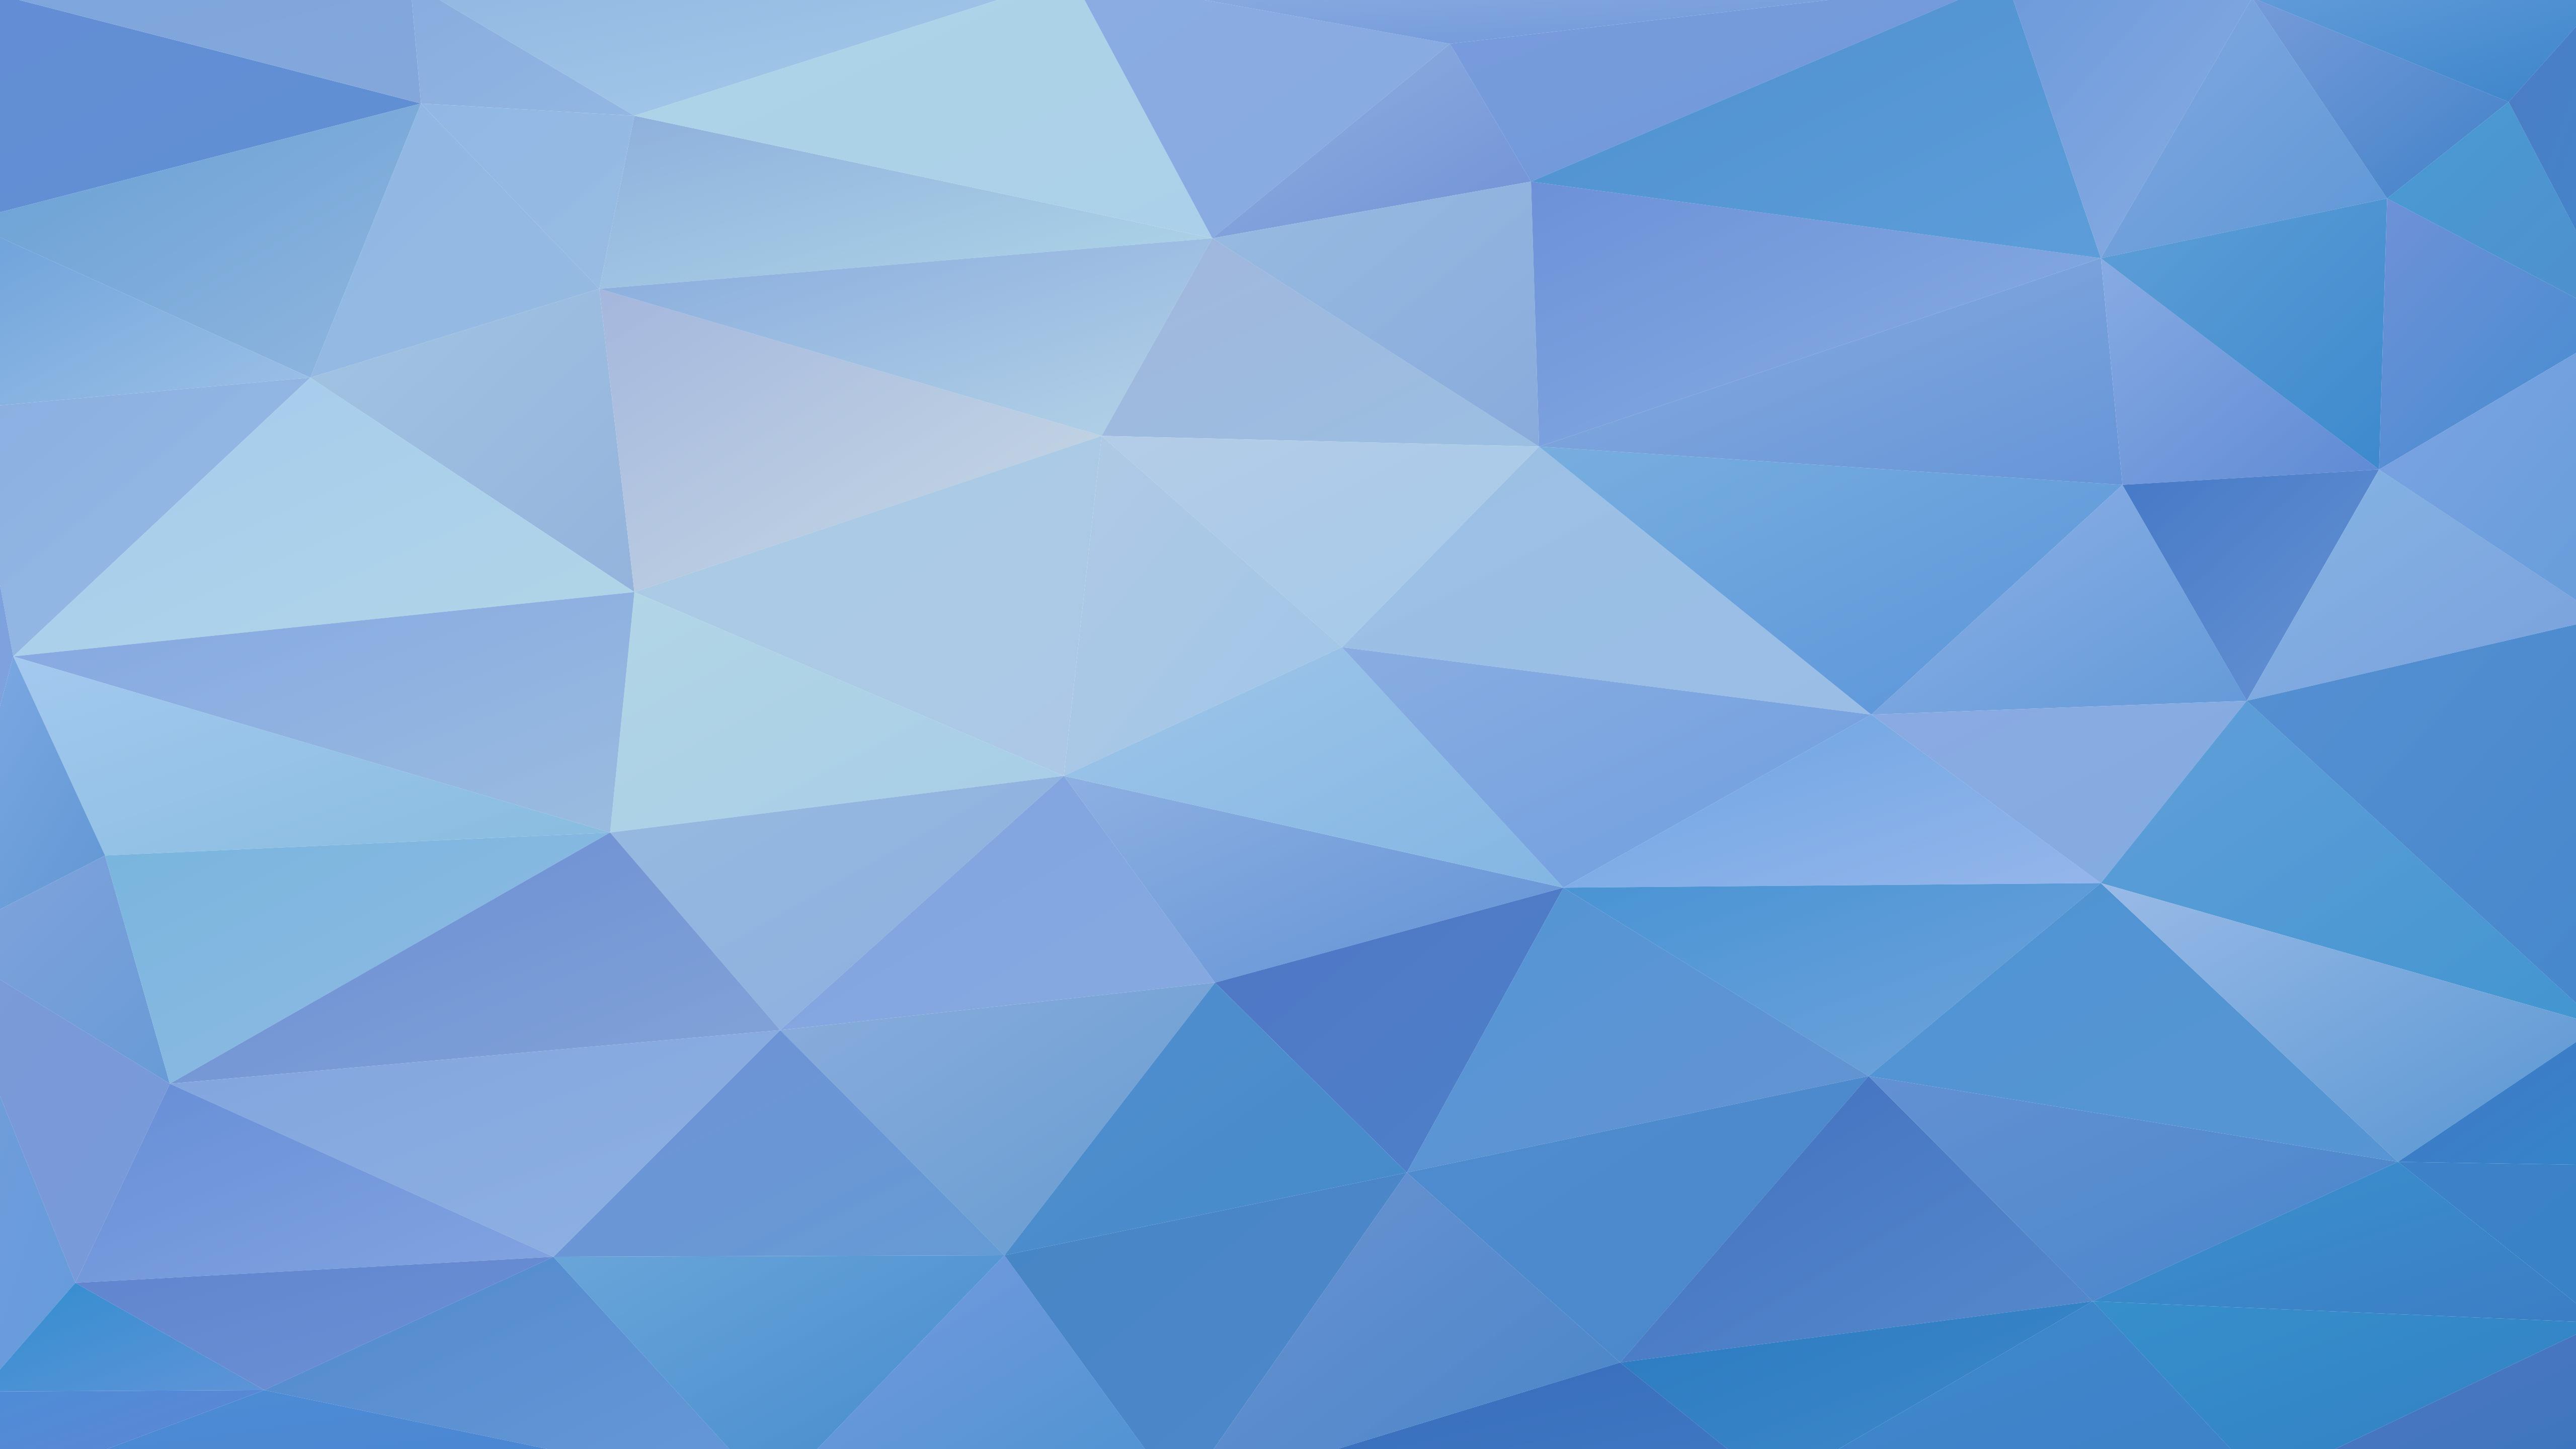 desktop wallpaper wallpapersc pcmac5k4k - photo #9